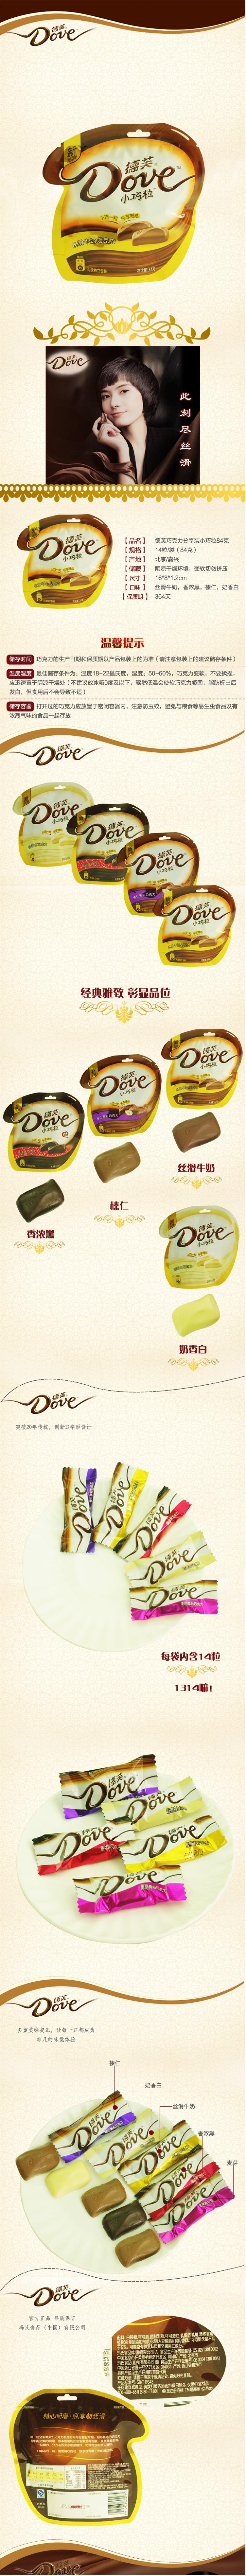 德芙小巧粒 新丝滑奶香白巧克力84克